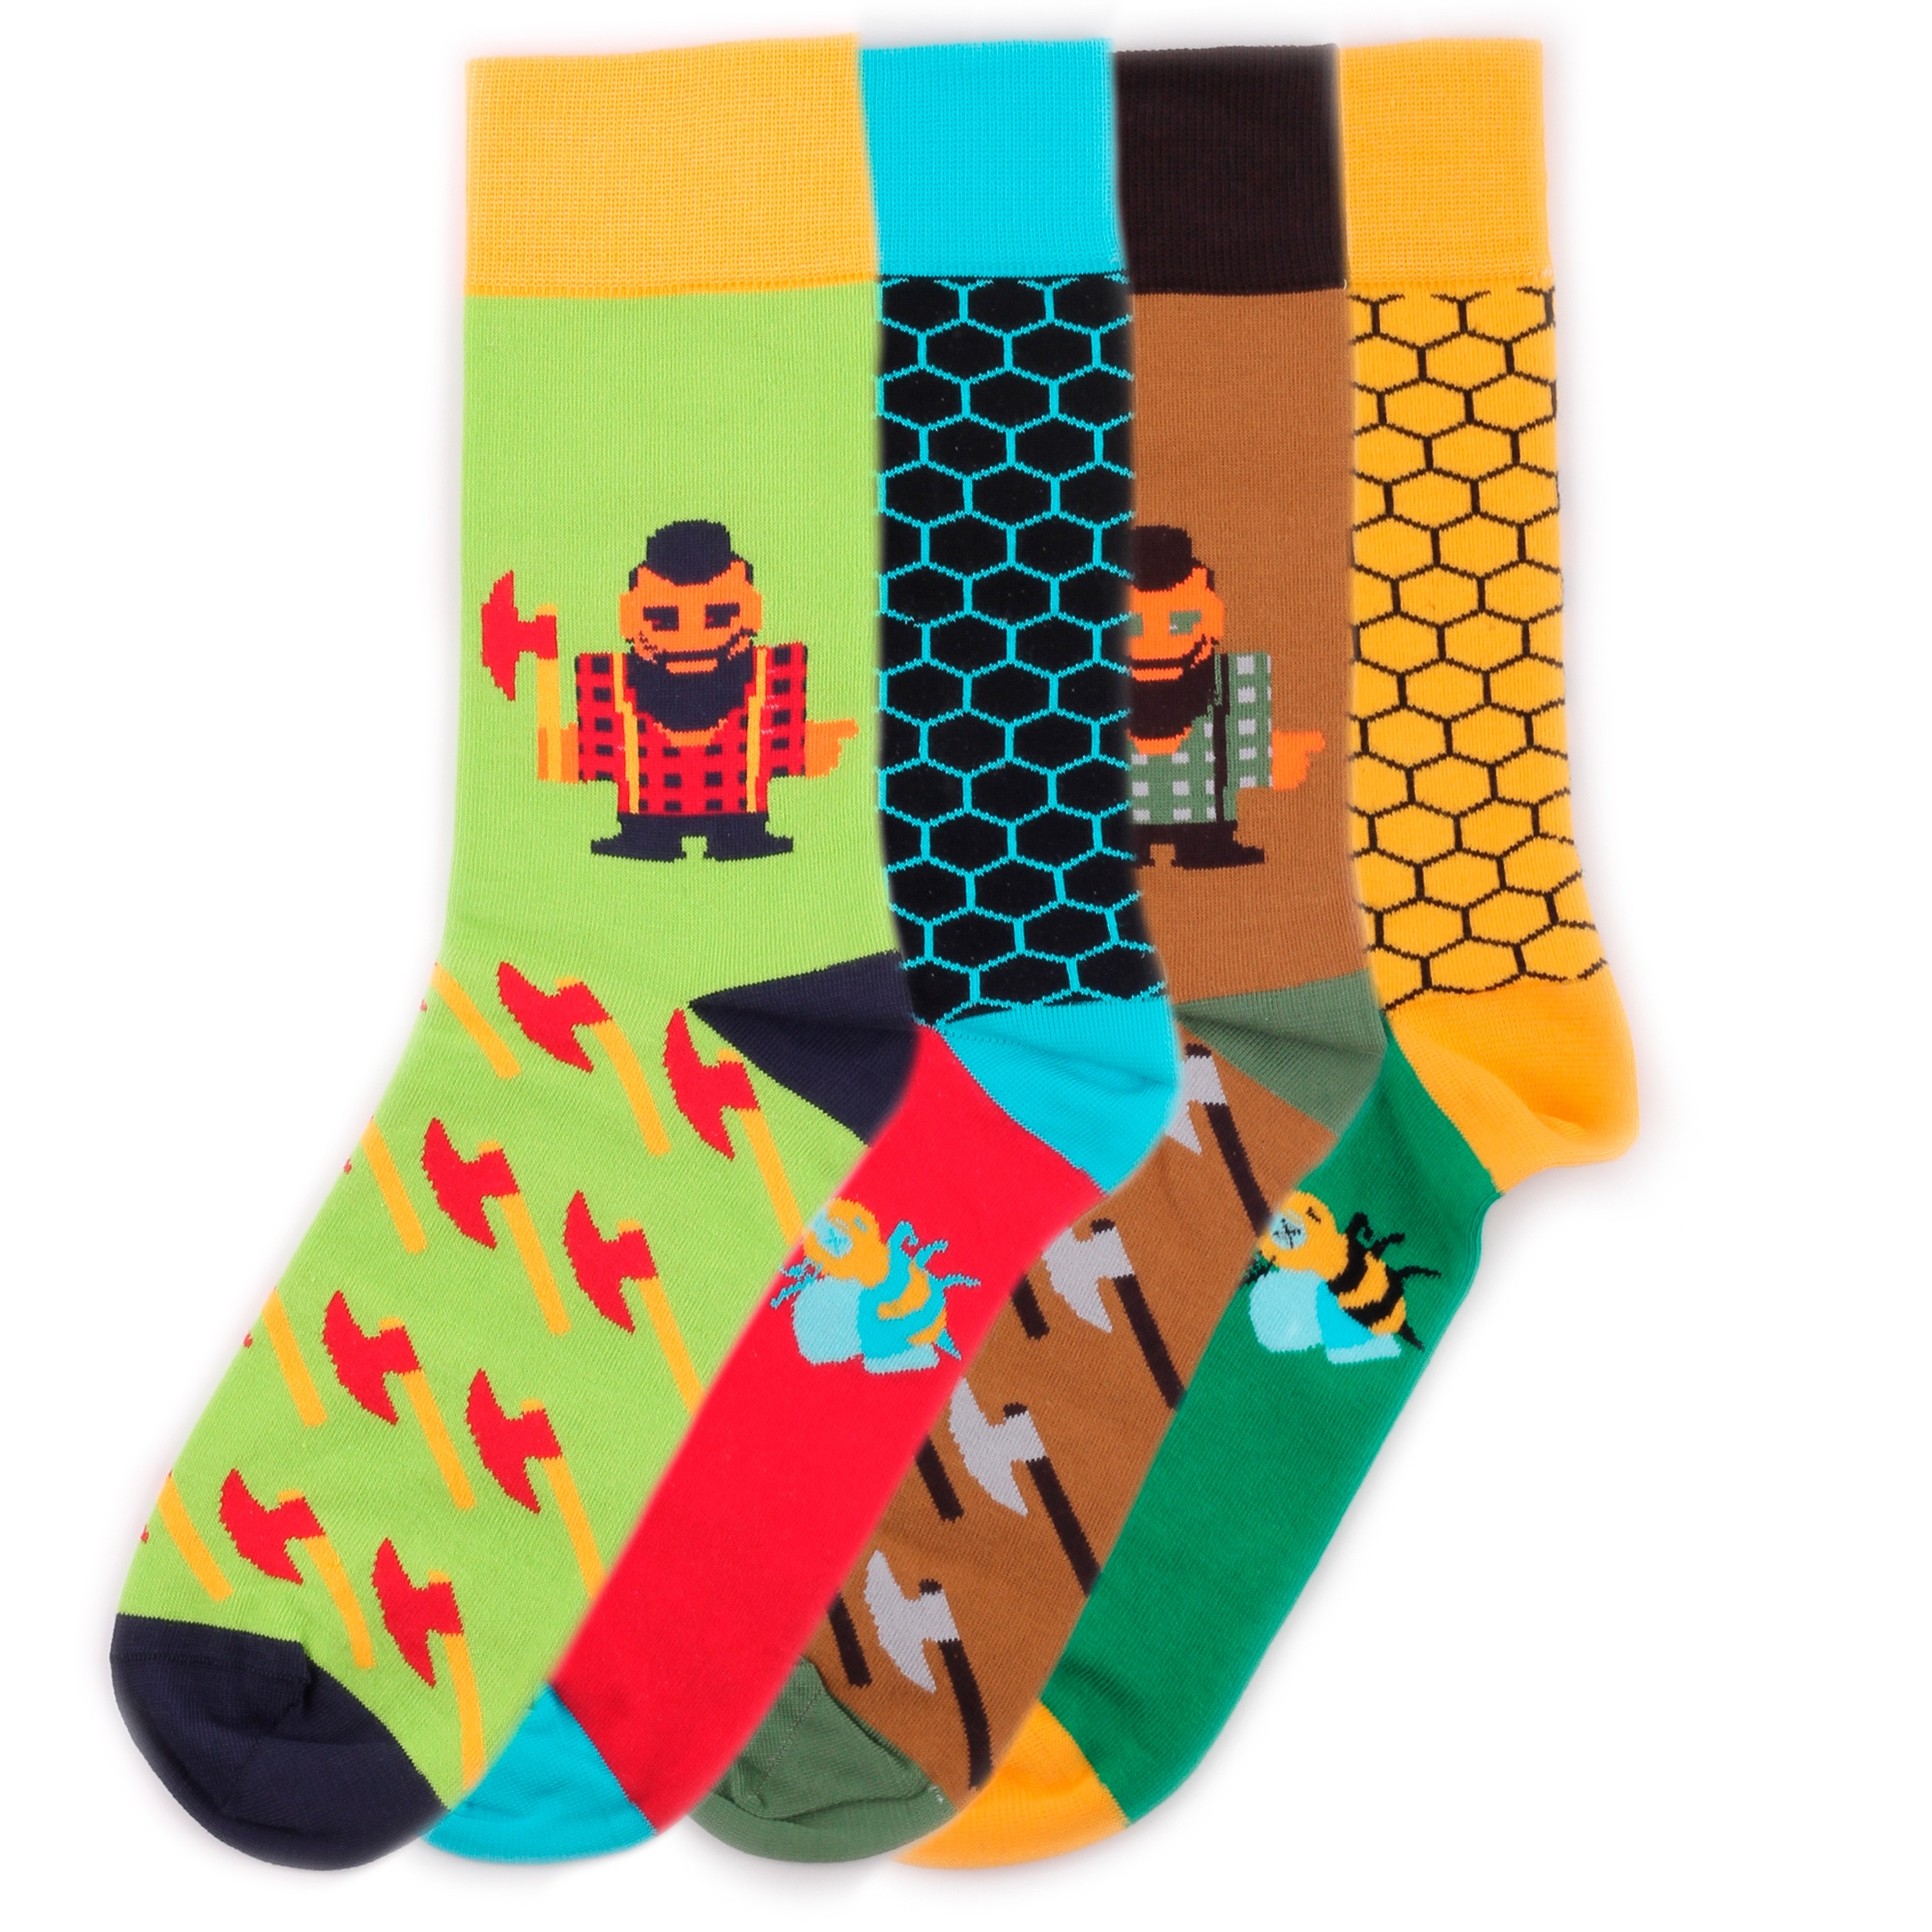 Набор носков Burning heels Bees Lumberjack разноцветный 39-41